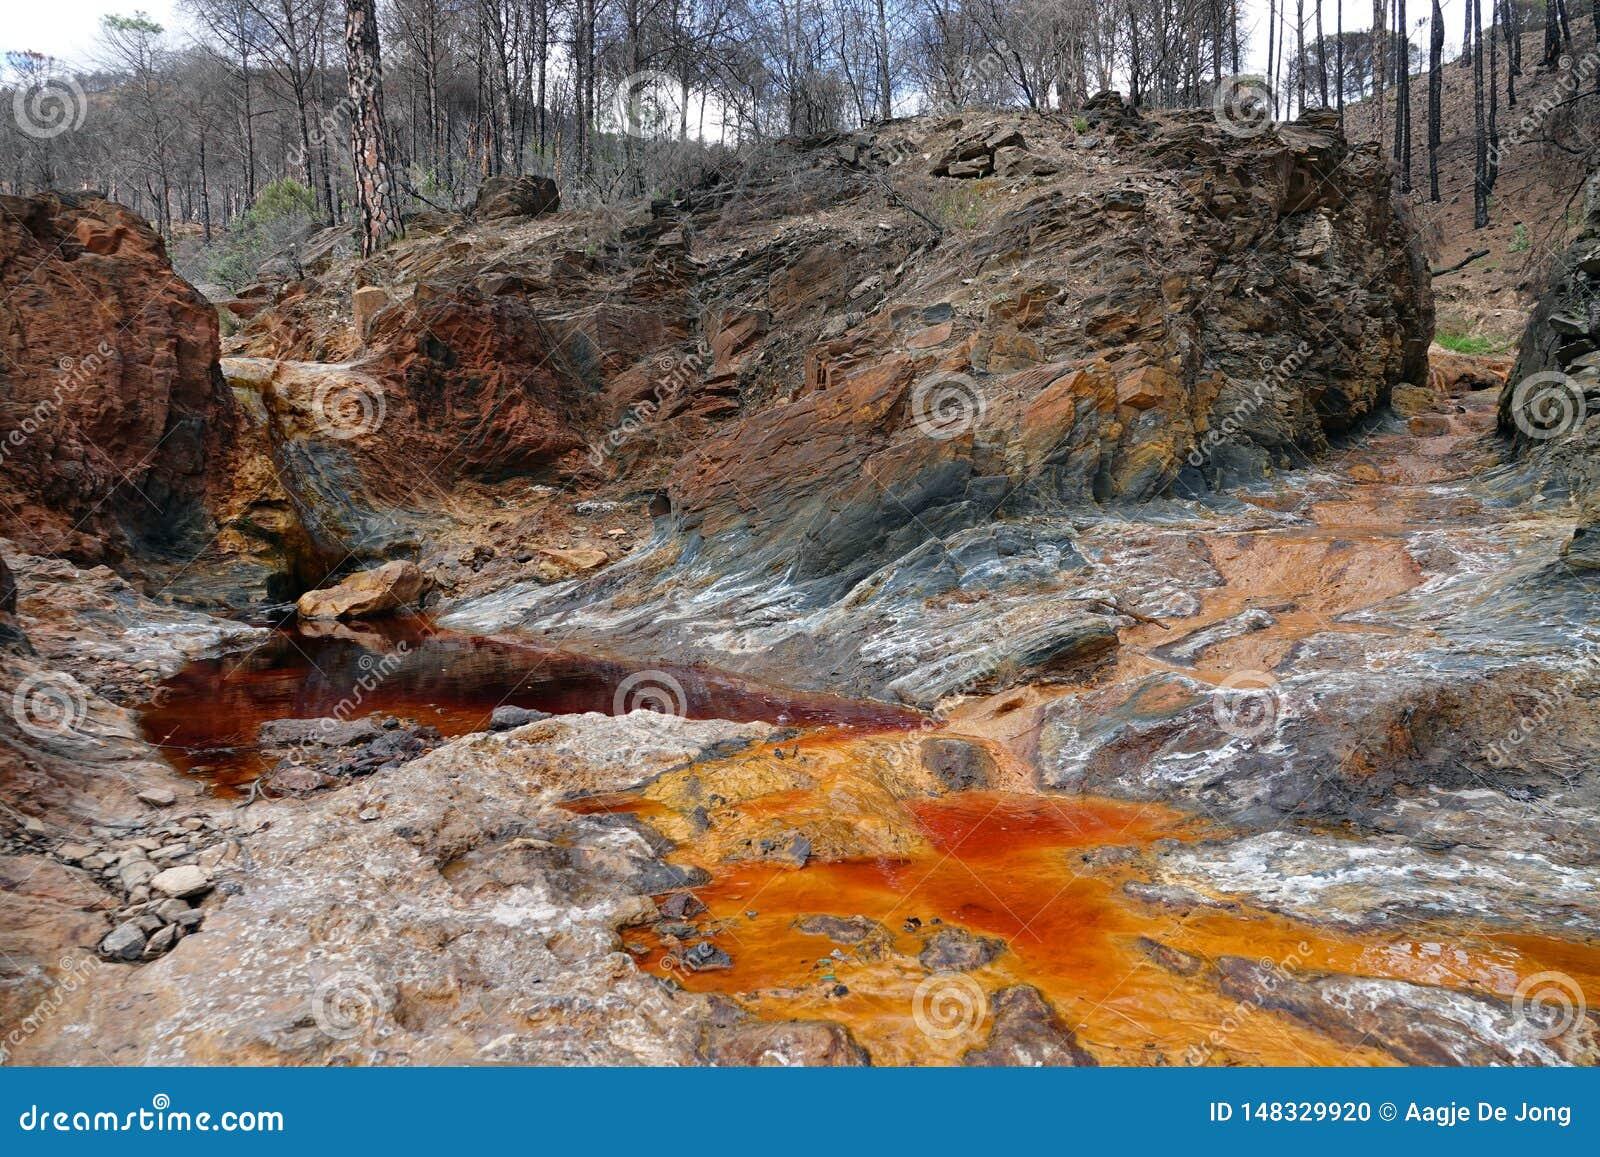 De rode en sinaasappel gekleurde rivier van Rio Tinto dichtbij Nerva in Spanje